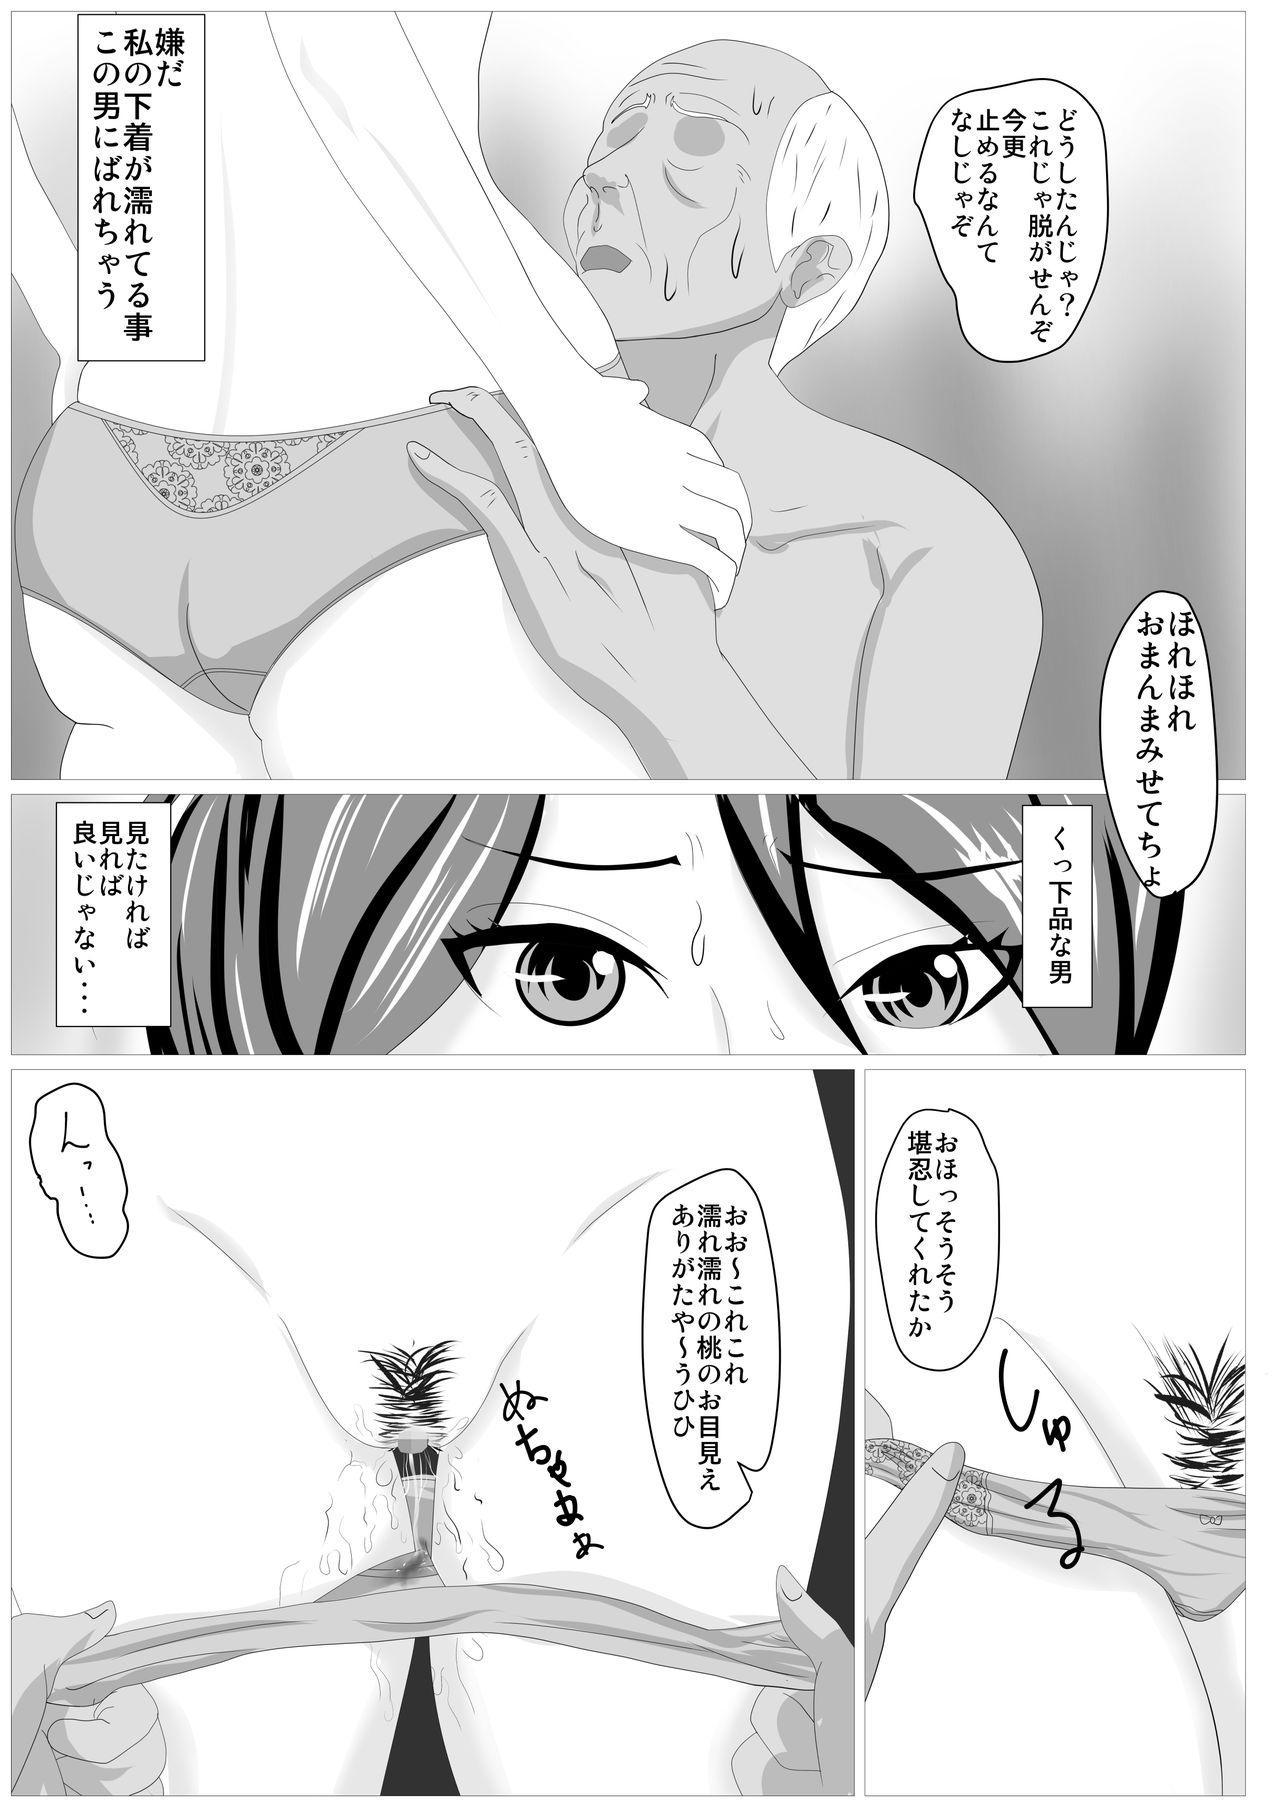 Musuko no Tamenaraba 22